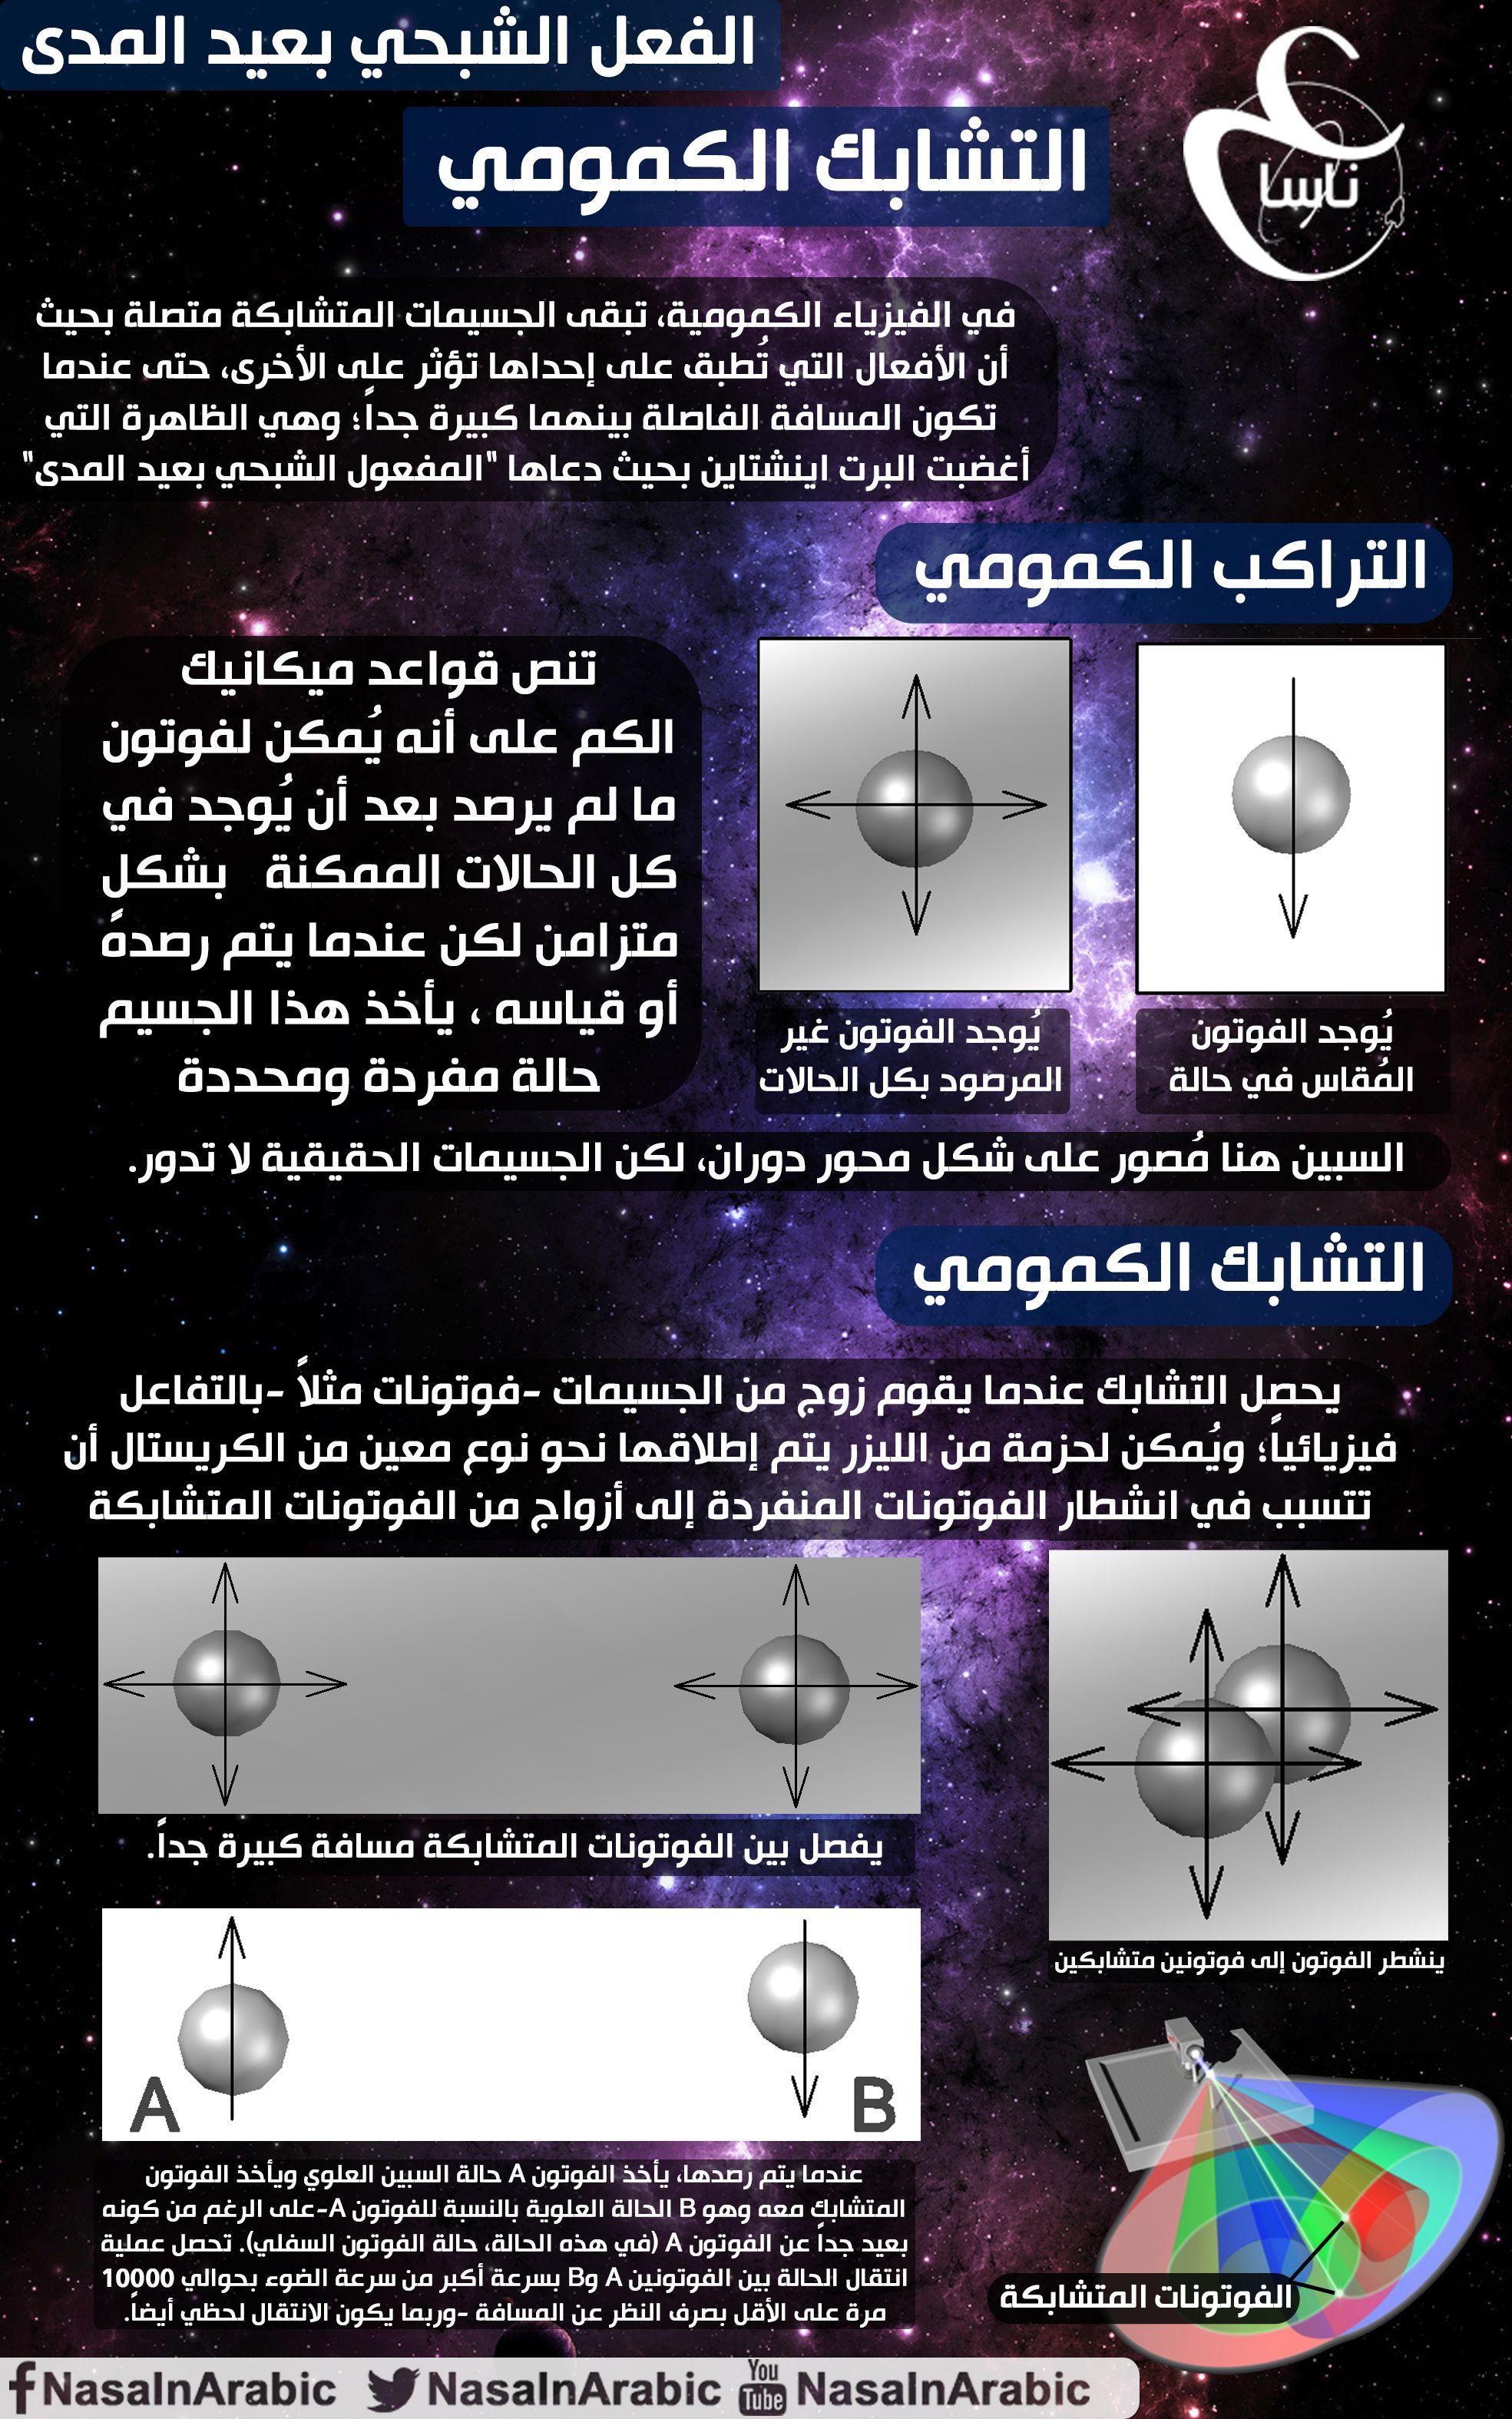 التشابك الكمومي فريق ناسا بالعربي ترجمة همام بيطار تصميم صلاح ابراهيم للمزيد Https Www Facebook Com Nasainarabic المصدر Http Astronomy Science Nasa